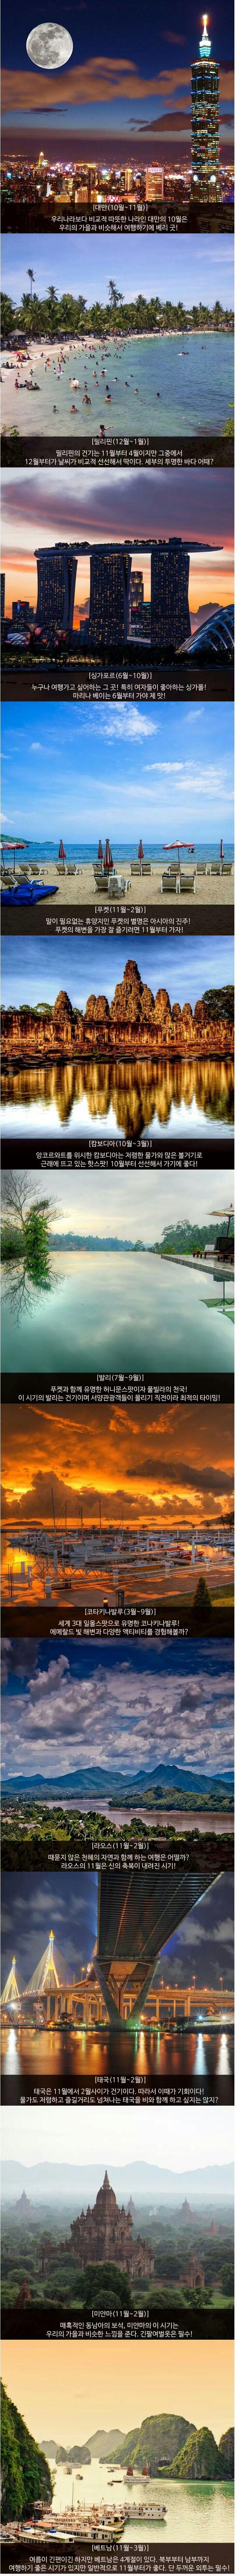 이슈인 - 동남아 지역별 최적의 여행 시기